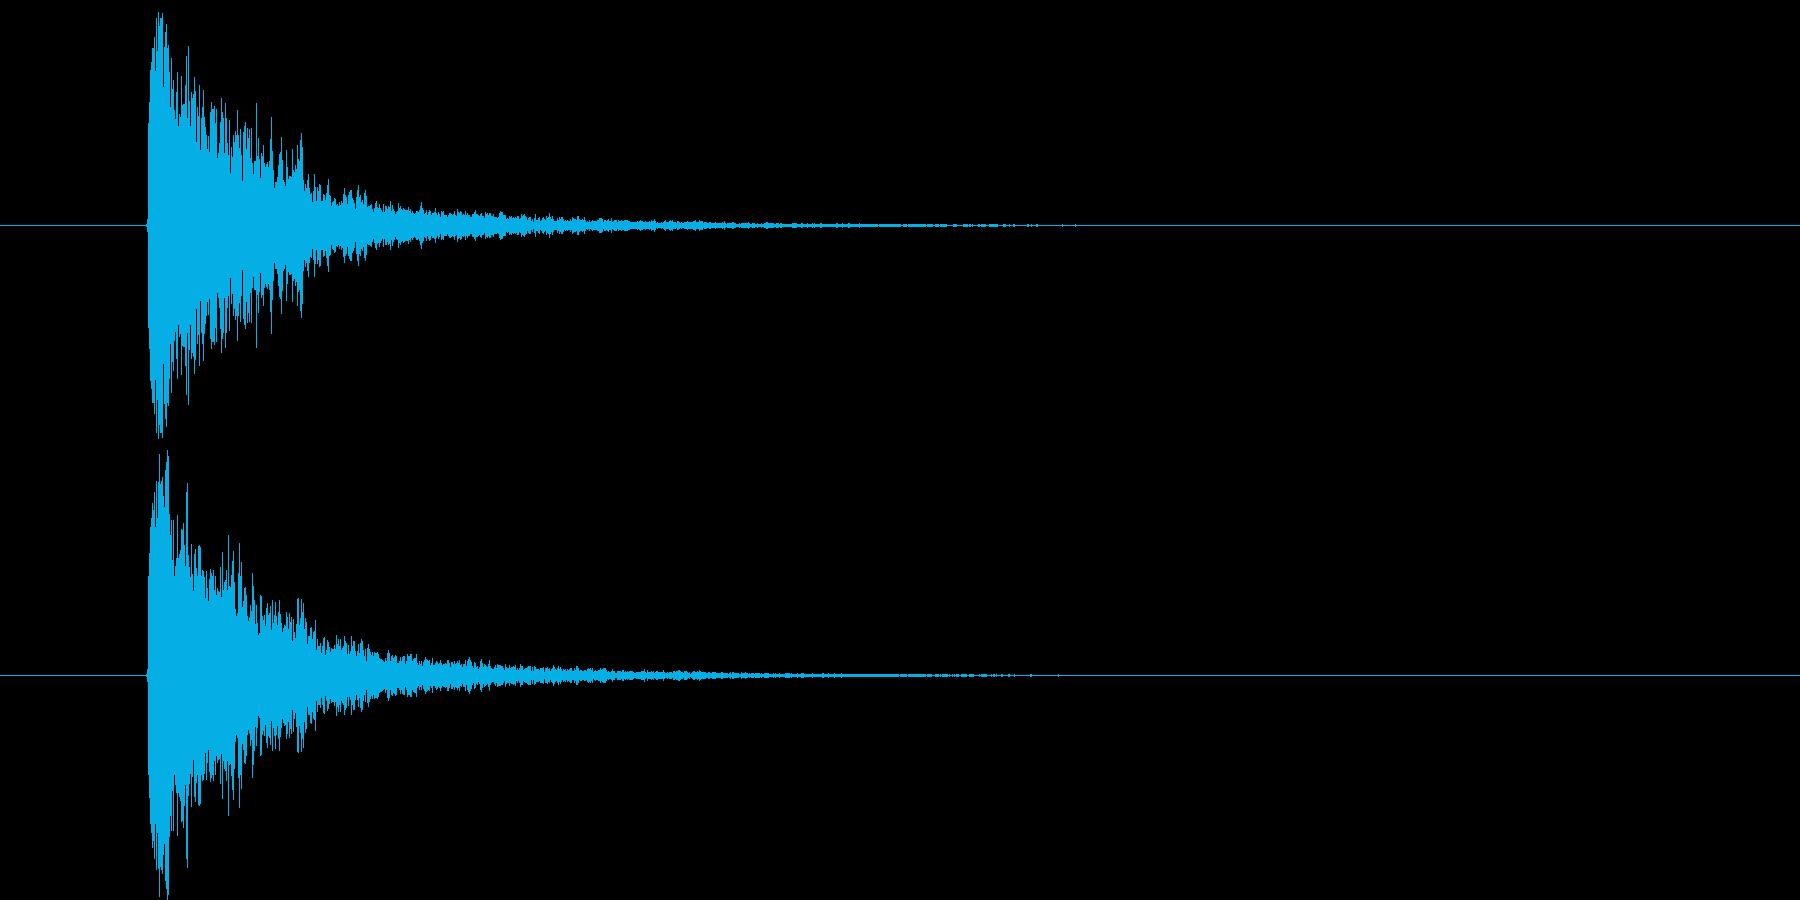 スネア音_メタルコア・ラウド系の再生済みの波形